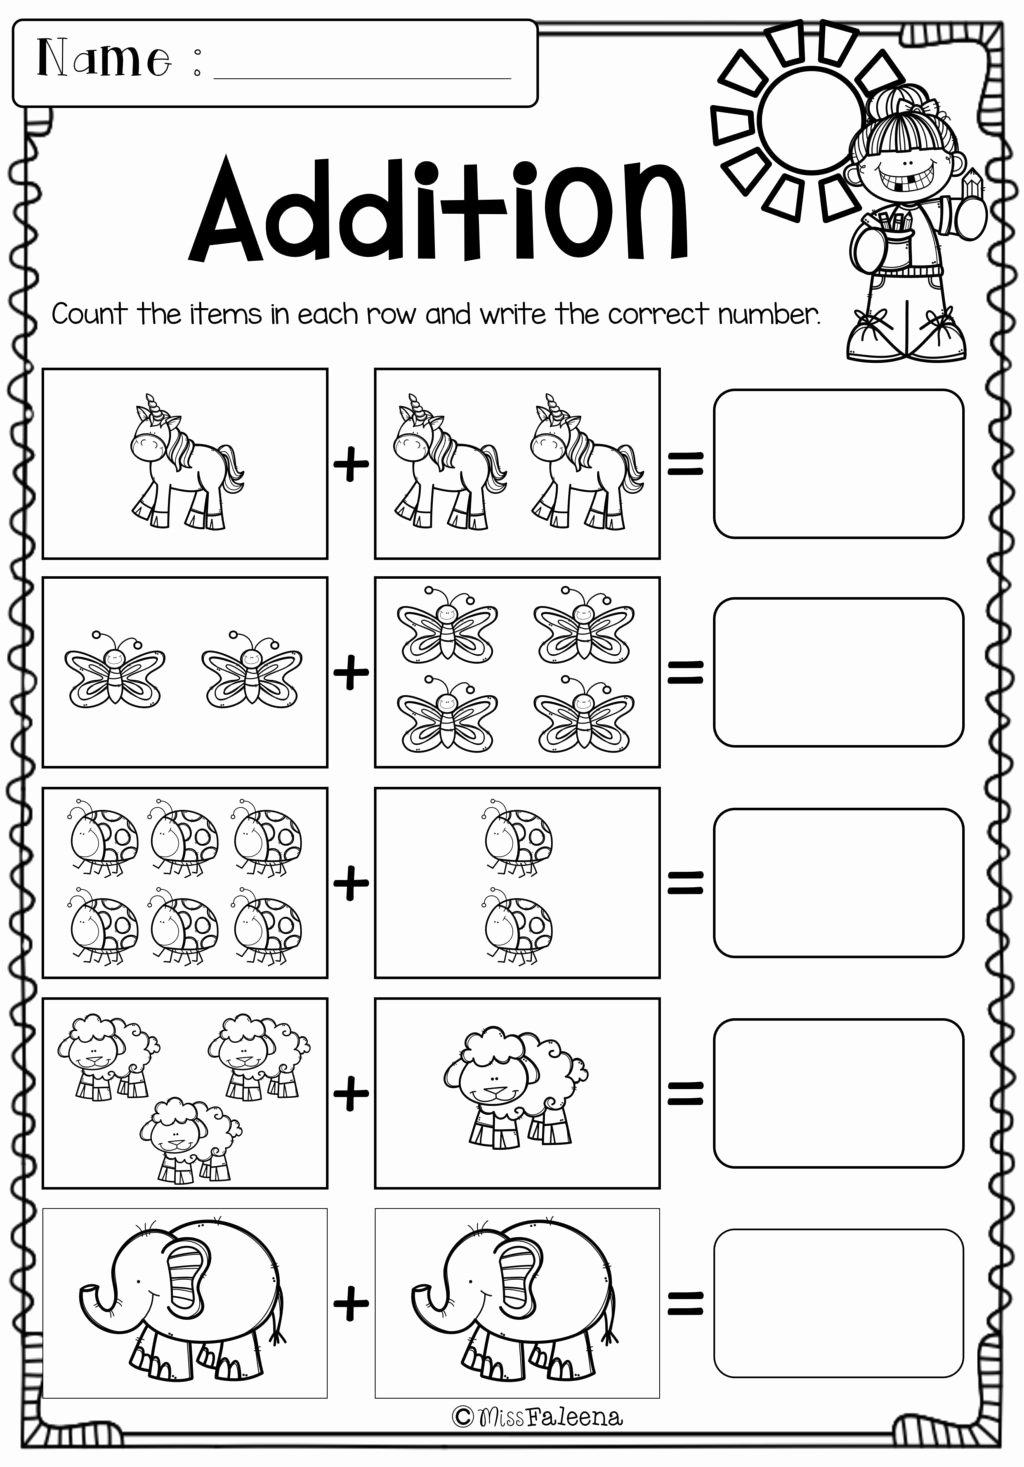 Space Worksheets for Preschoolers Lovely Worksheet Worksheet Writing Pages Blankschool Free